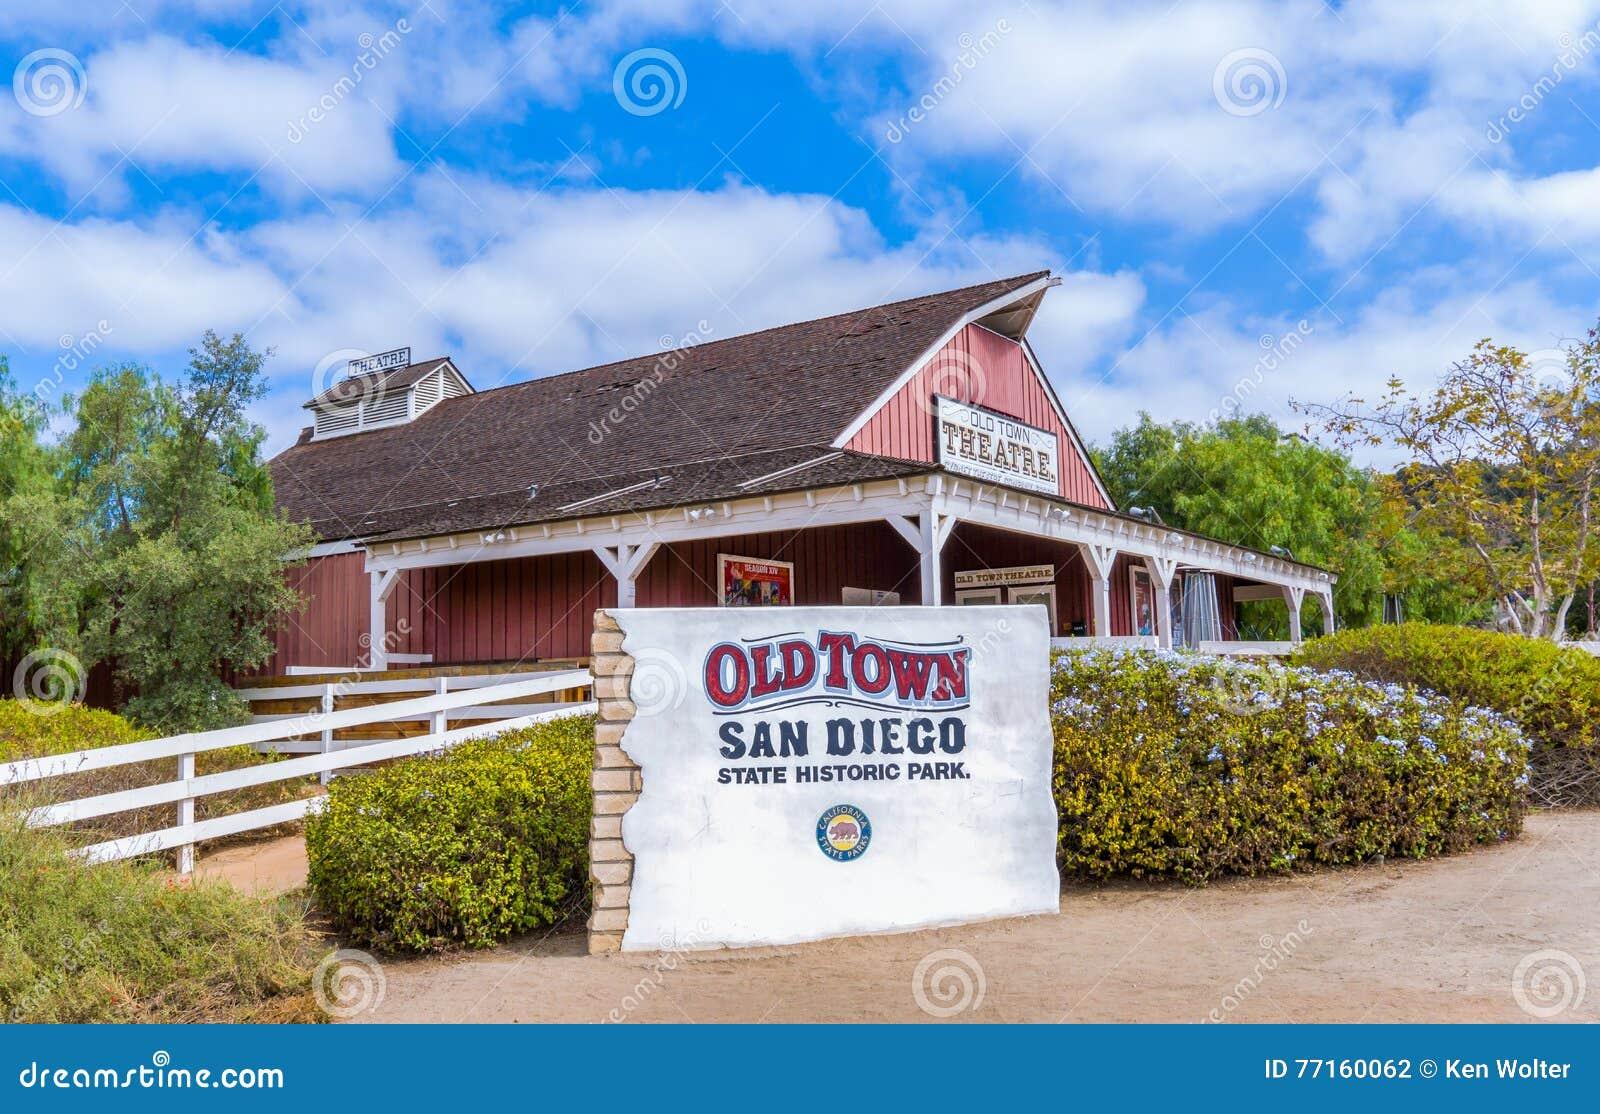 Entrée à la vieille ville San Diego State Historic Park